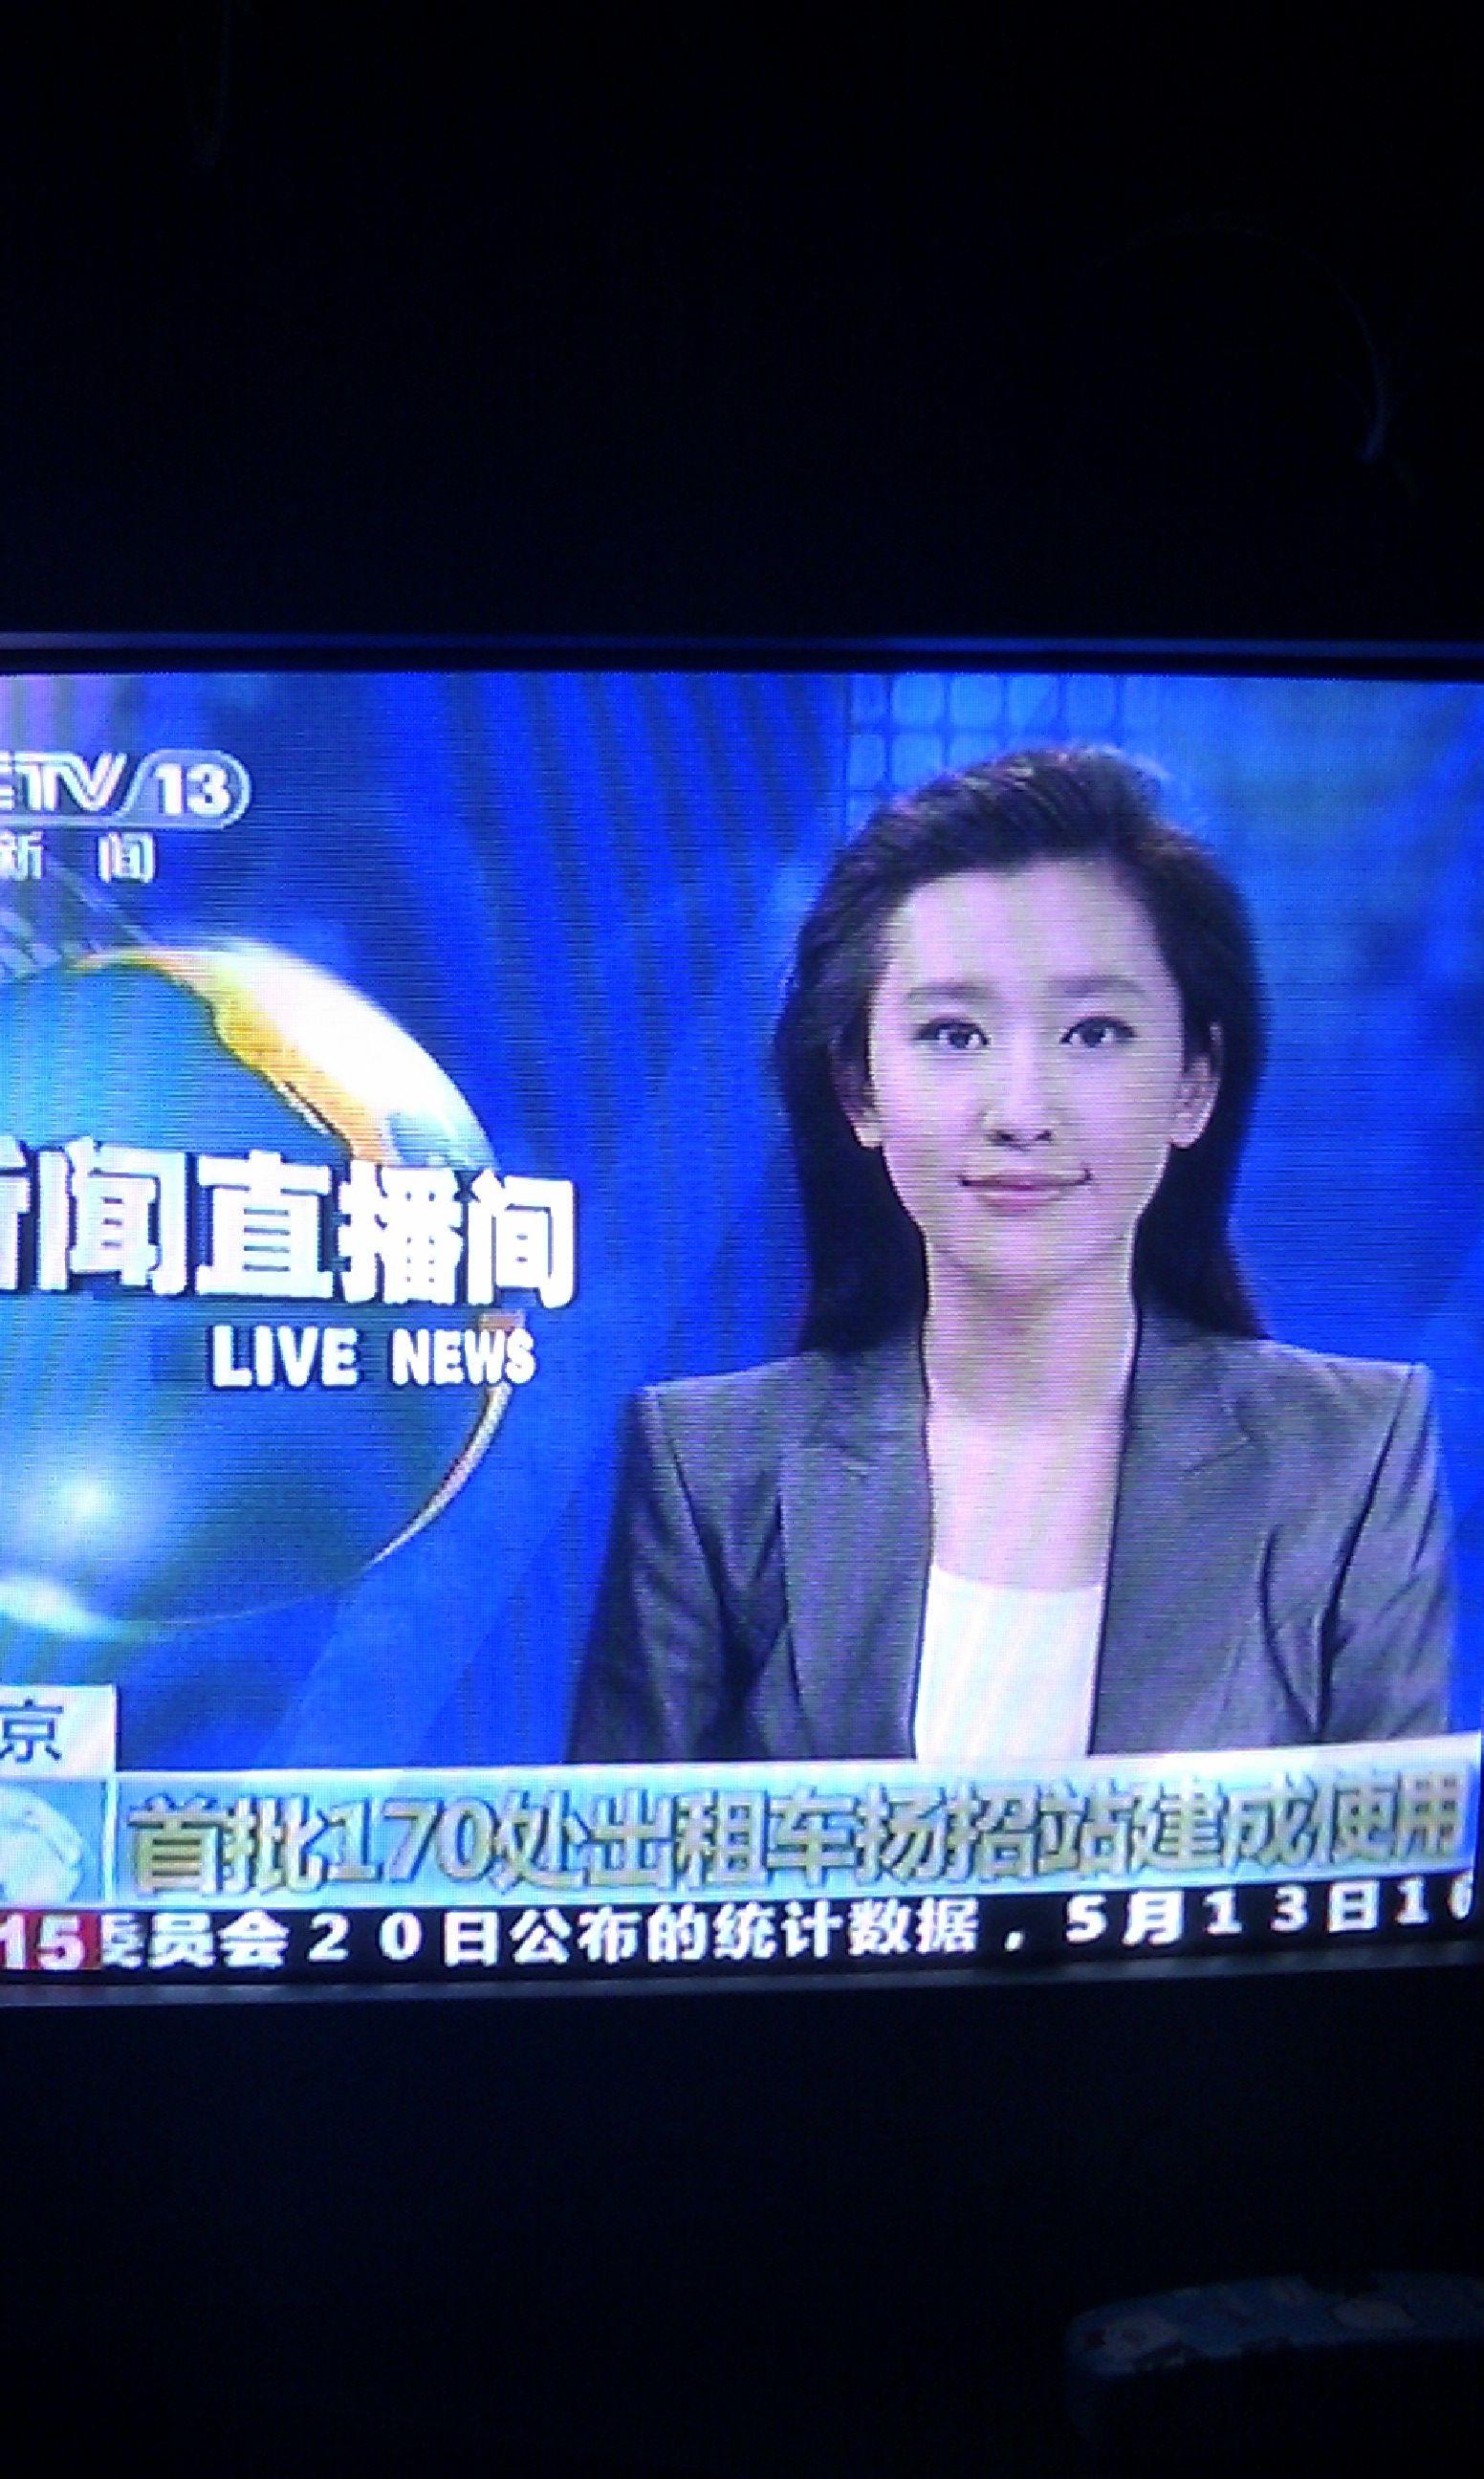 版看嘛直播片_昨天晚上(2013年5月20日晚上1点左右)看新闻直播间,发现个新的女主持